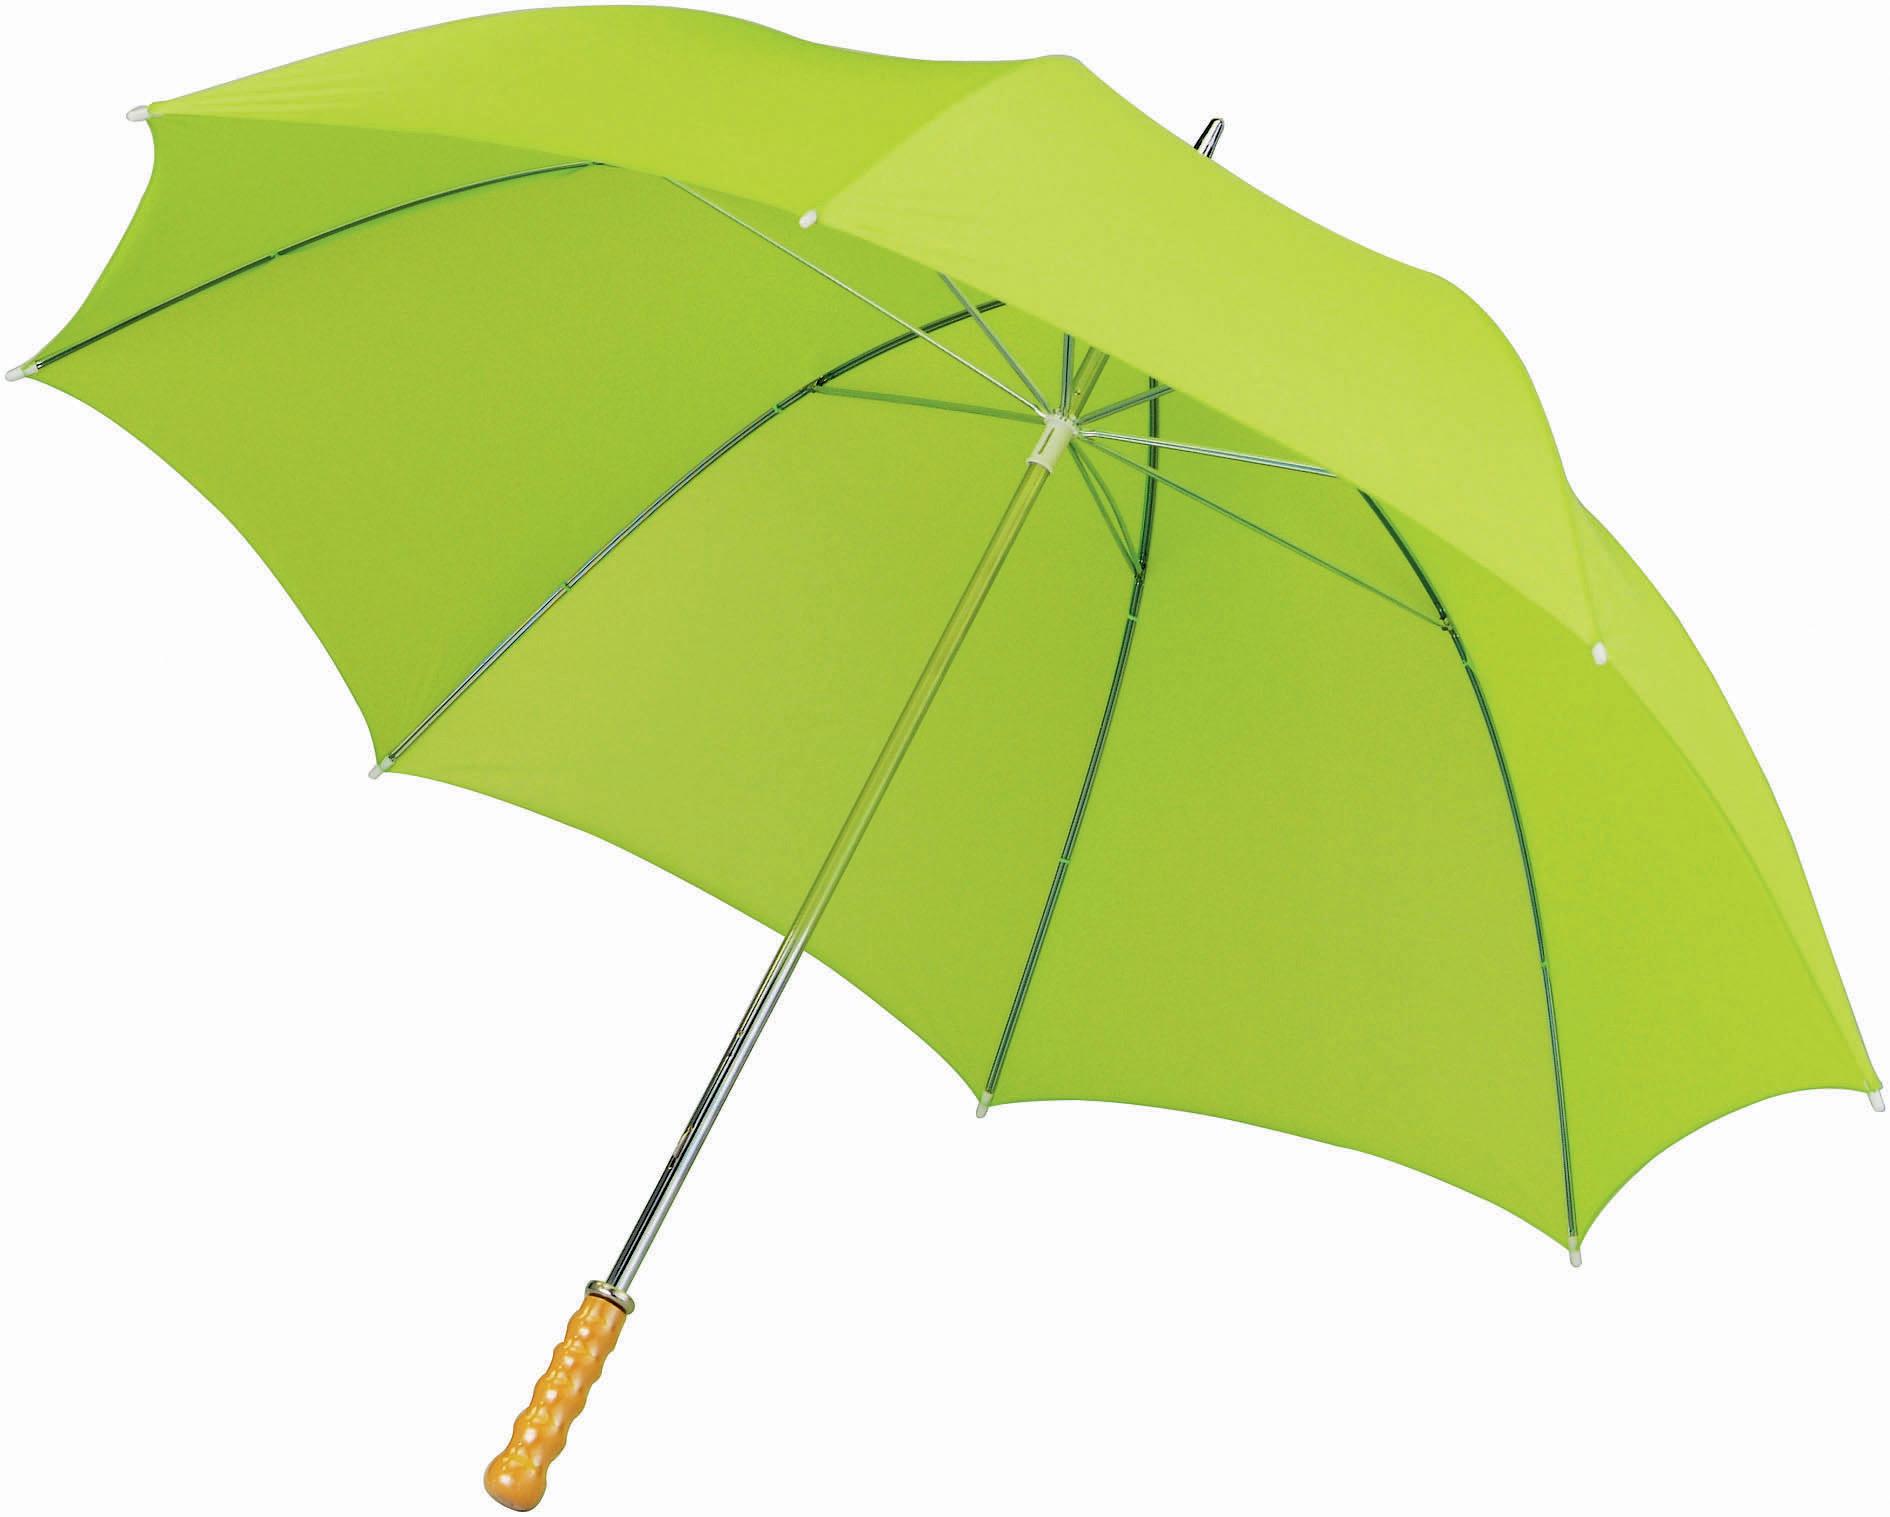 Ombrello personalizzato mod cx 800 1 for Sotto la pioggia ombrelli